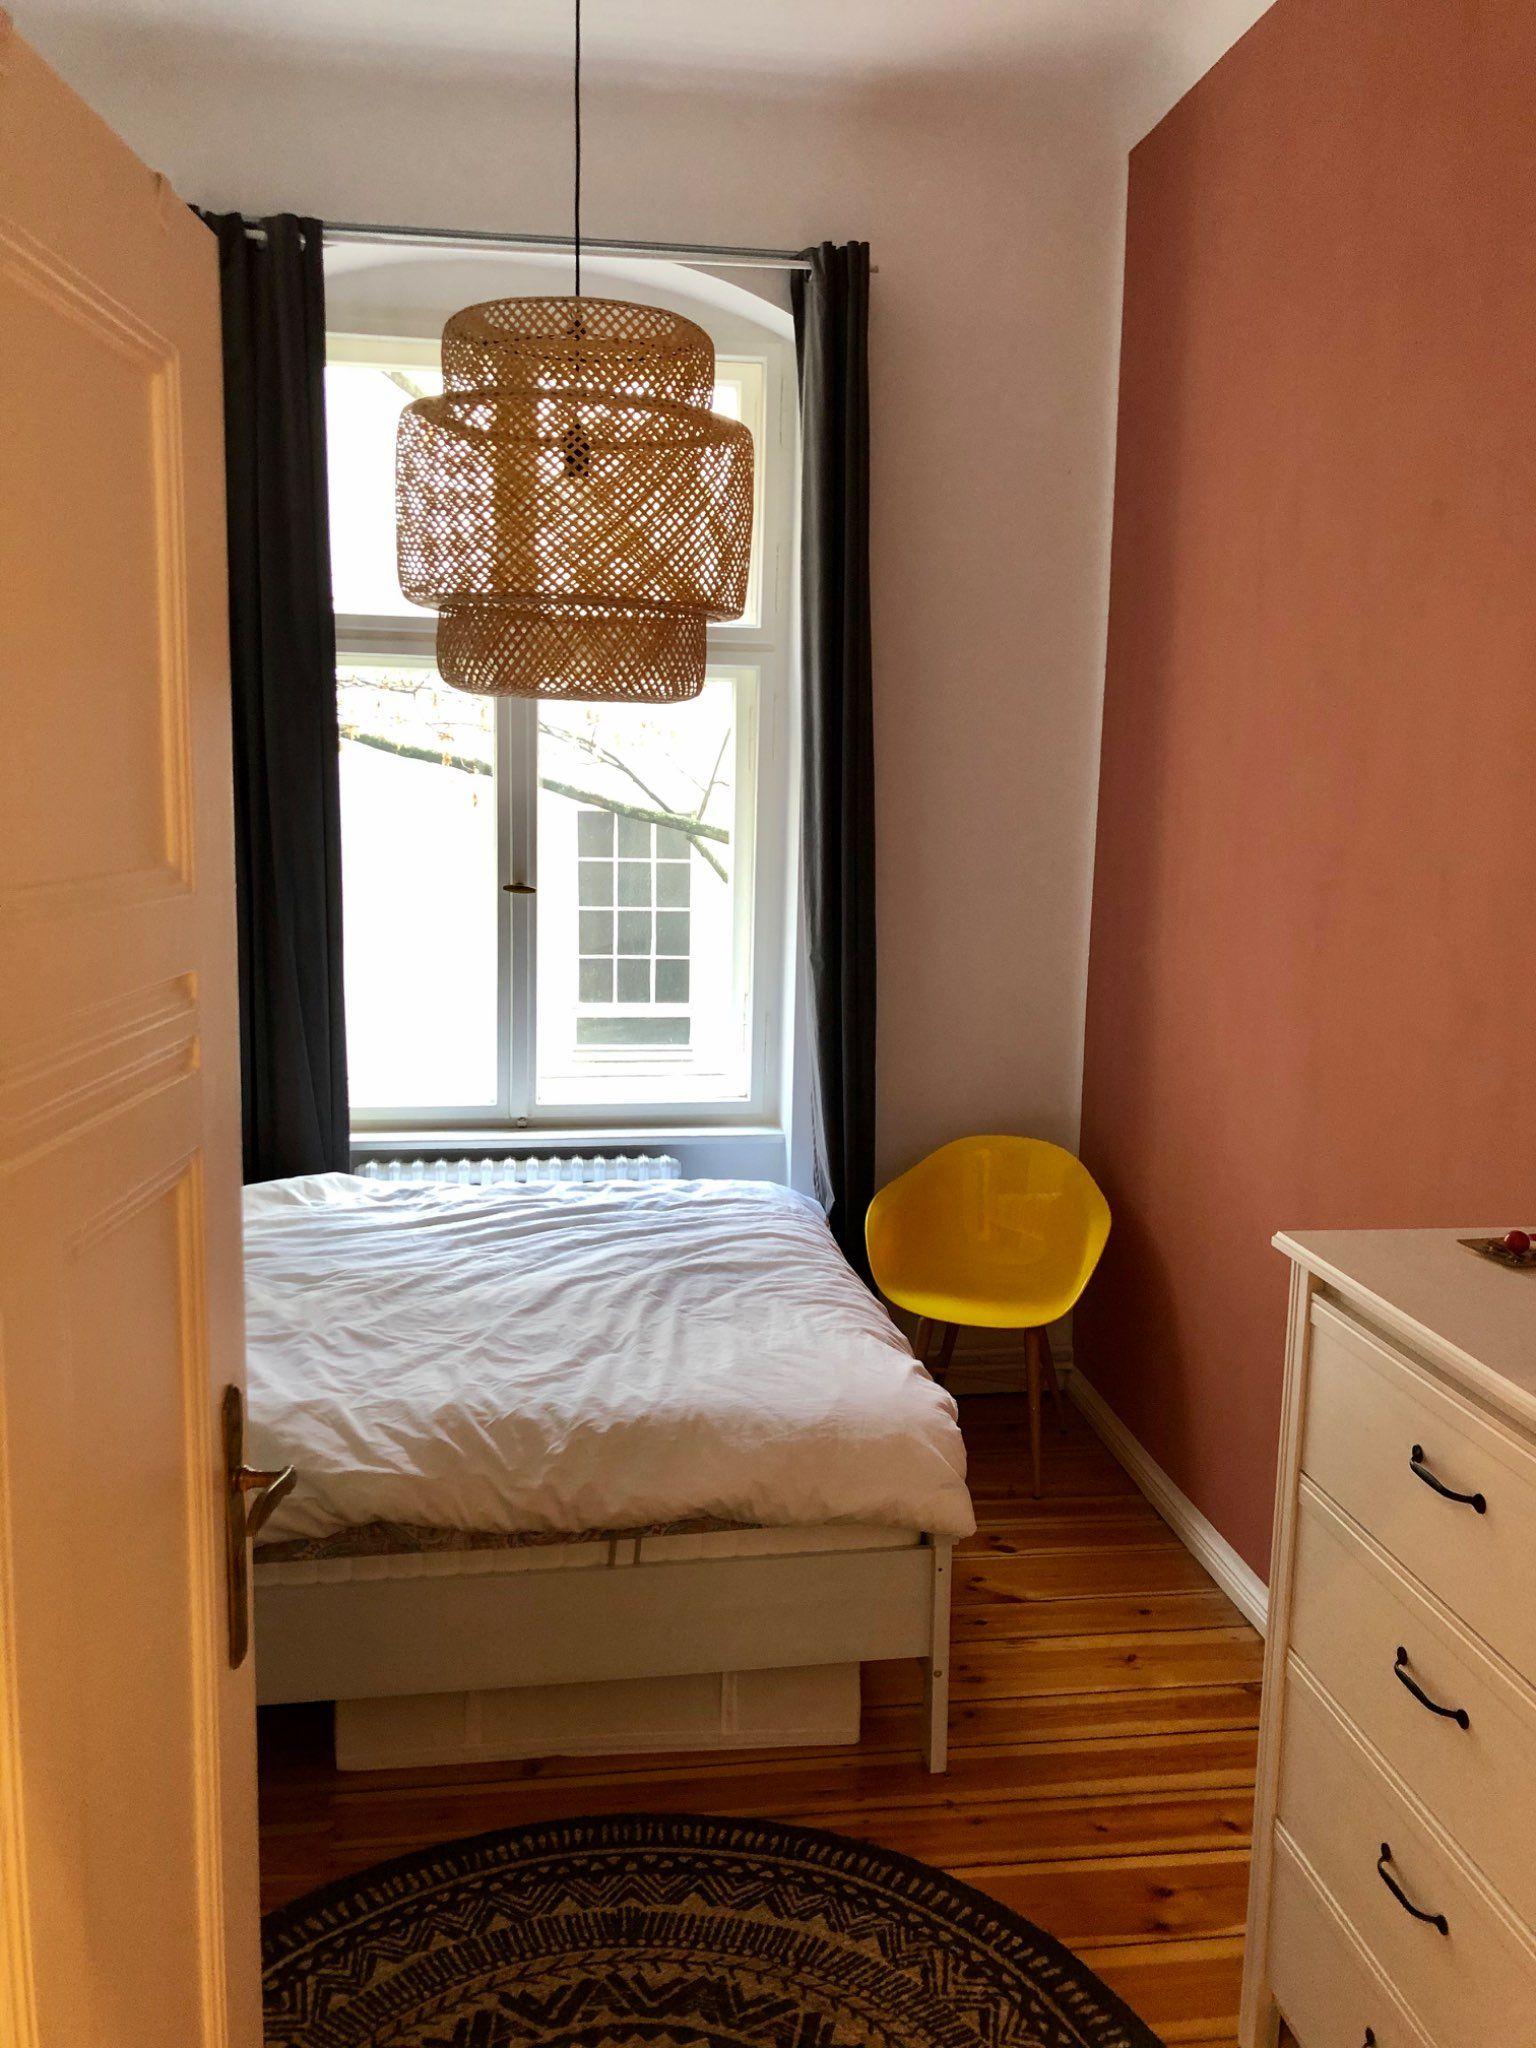 Dieses schöne Schlafzimmer befindet sich in einer Wohnung